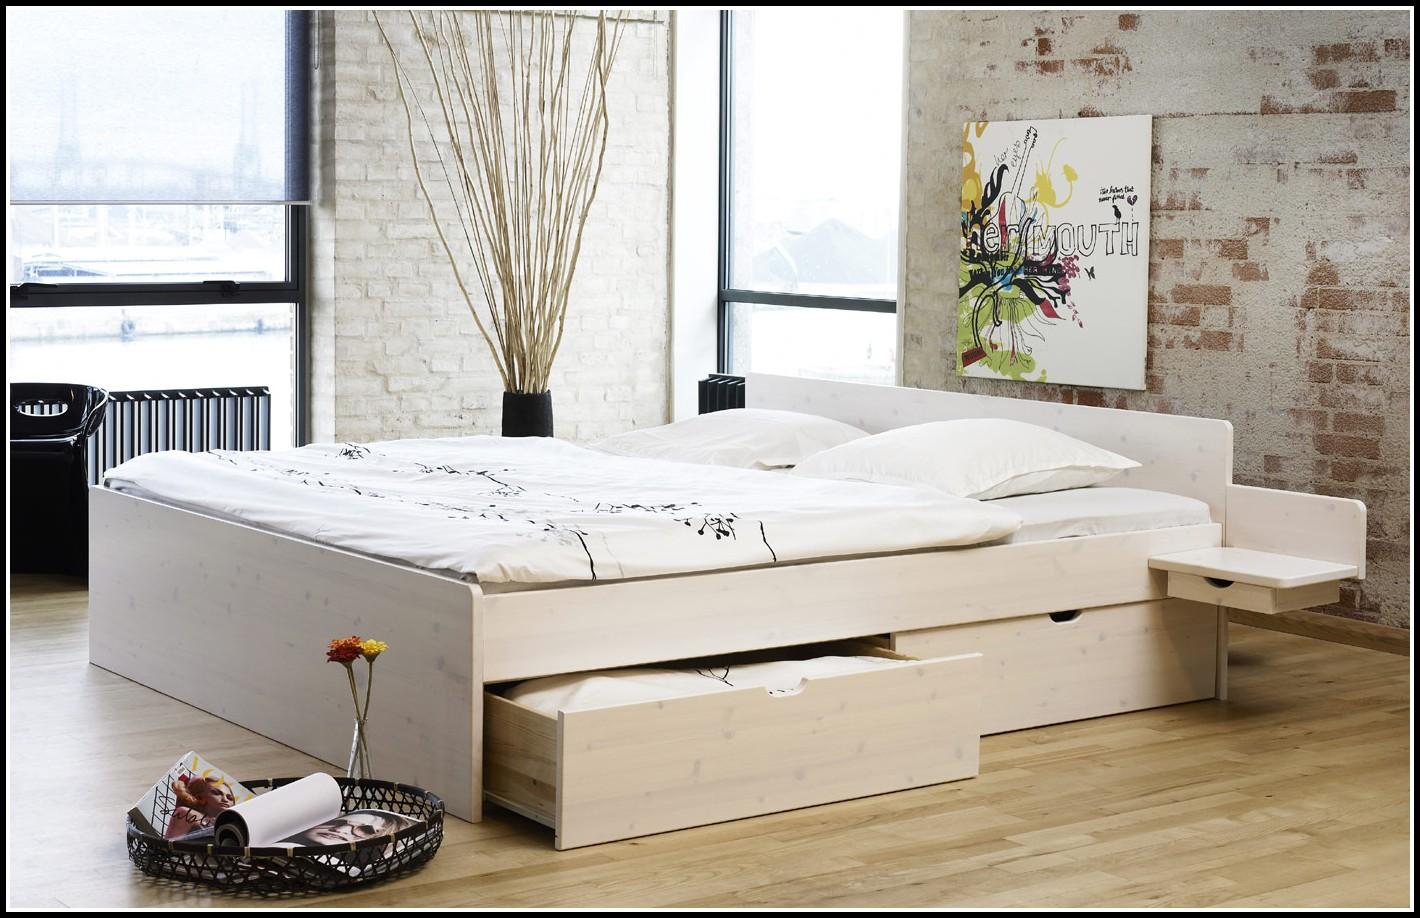 betten mit schubladen, ikea malm bett mit schubladen - betten : house und dekor galerie, Design ideen